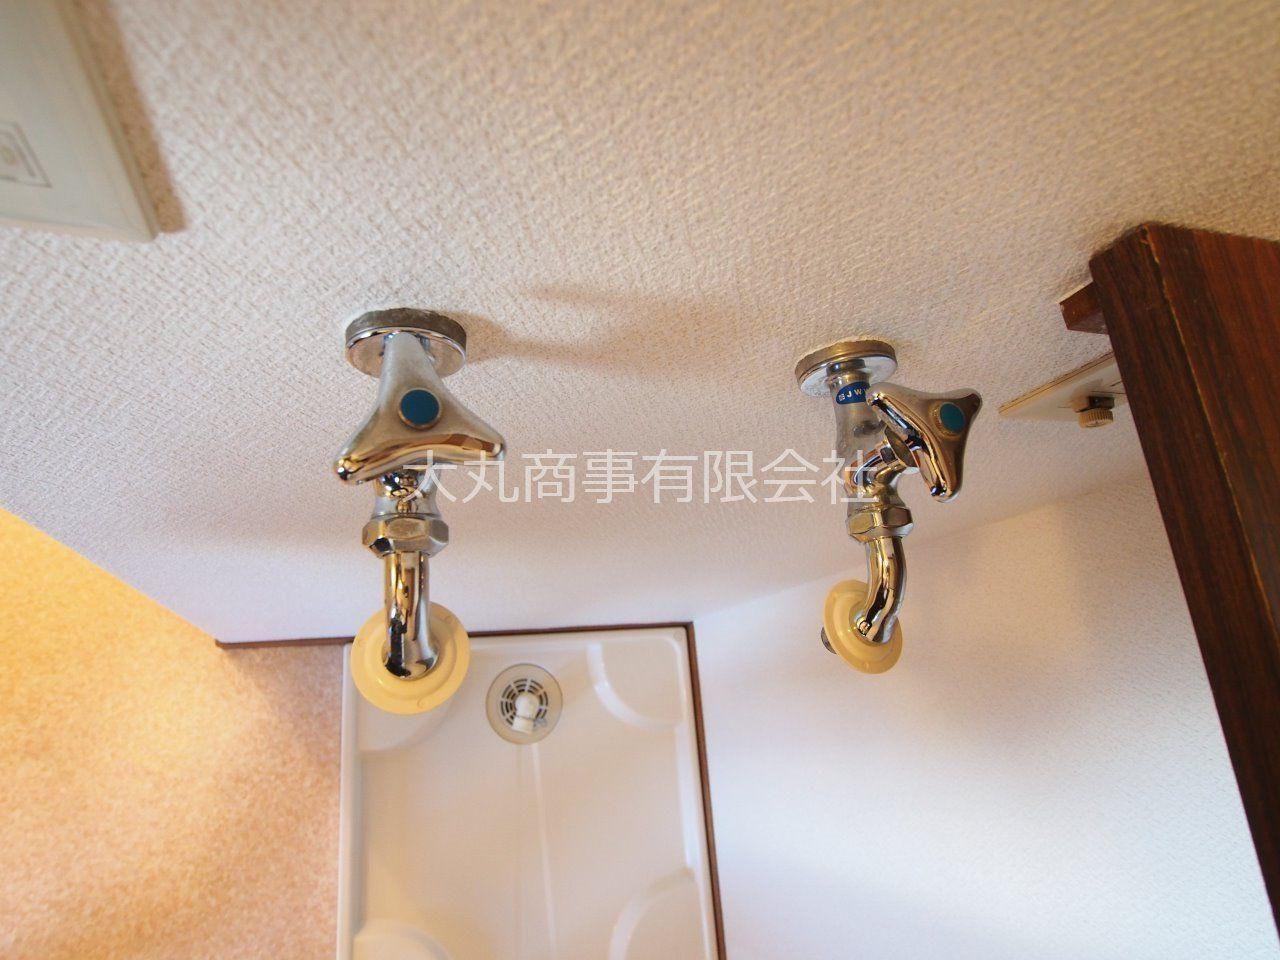 お湯専用の水栓のある洗濯機置場